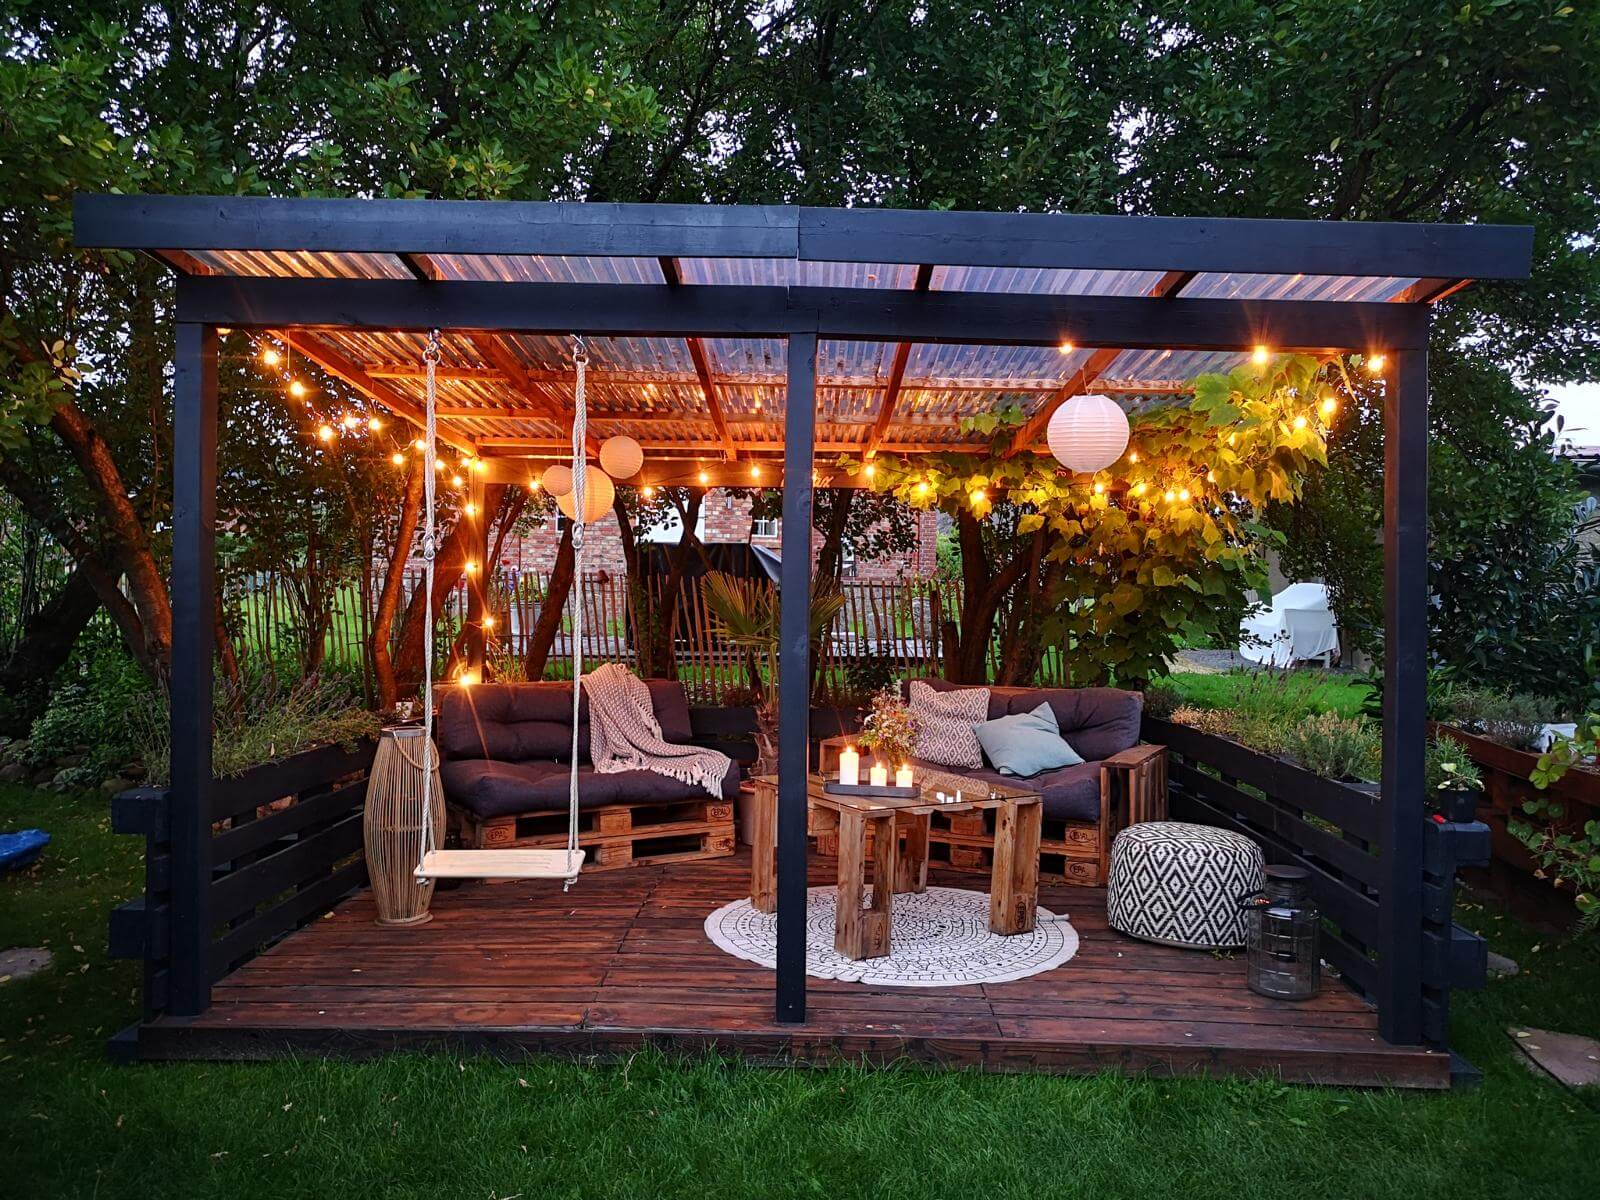 Gartenm bel aus paletten palettenm bel garten diy ideen shop - Gartenmobel aus paletten bauen ...